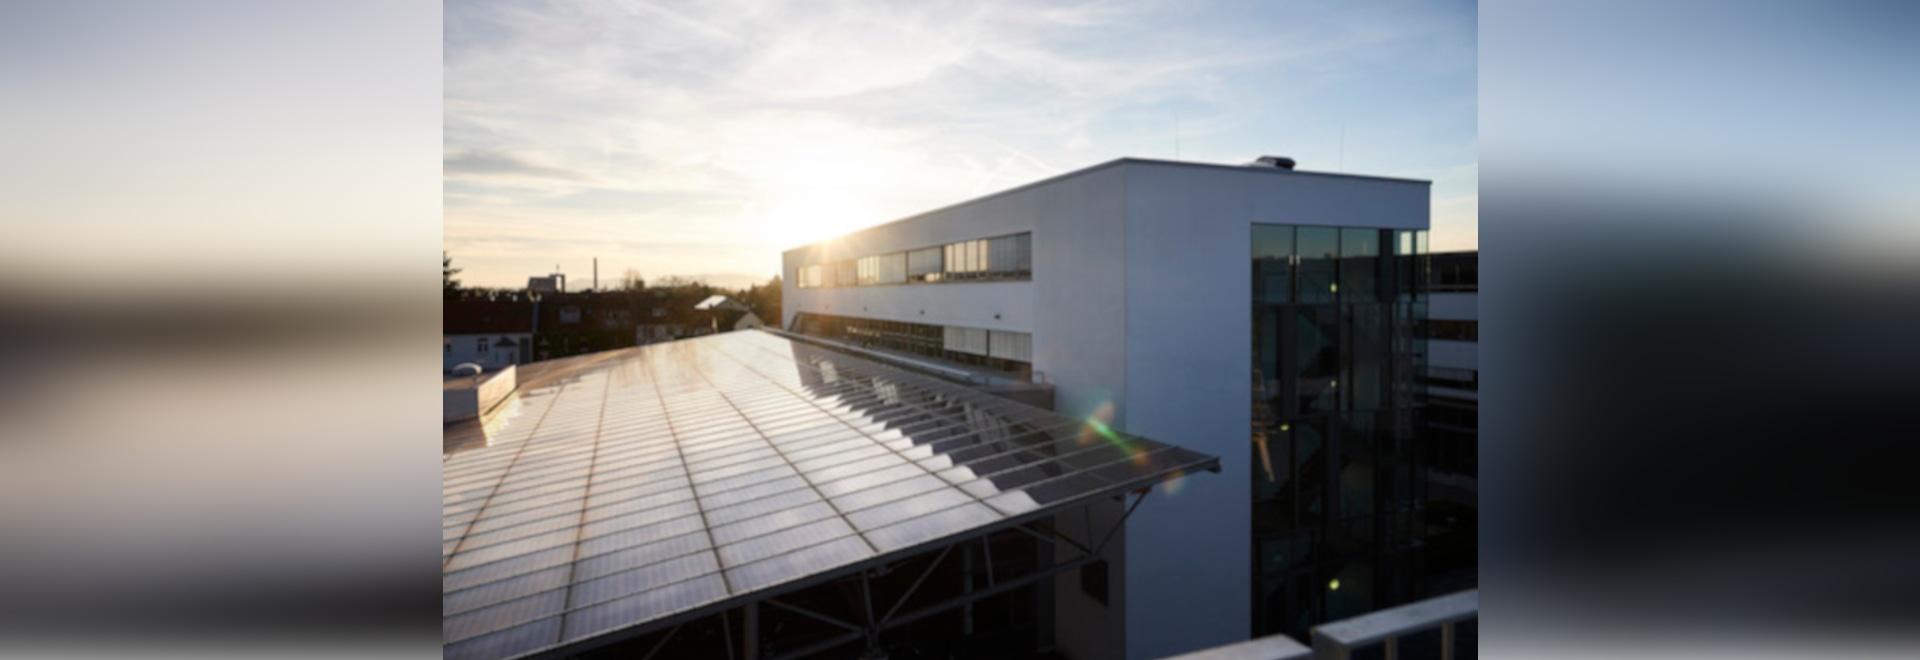 Photo : Wilkhahn avec l'aimable autorisation du fabricant de panneaux solaires SMA